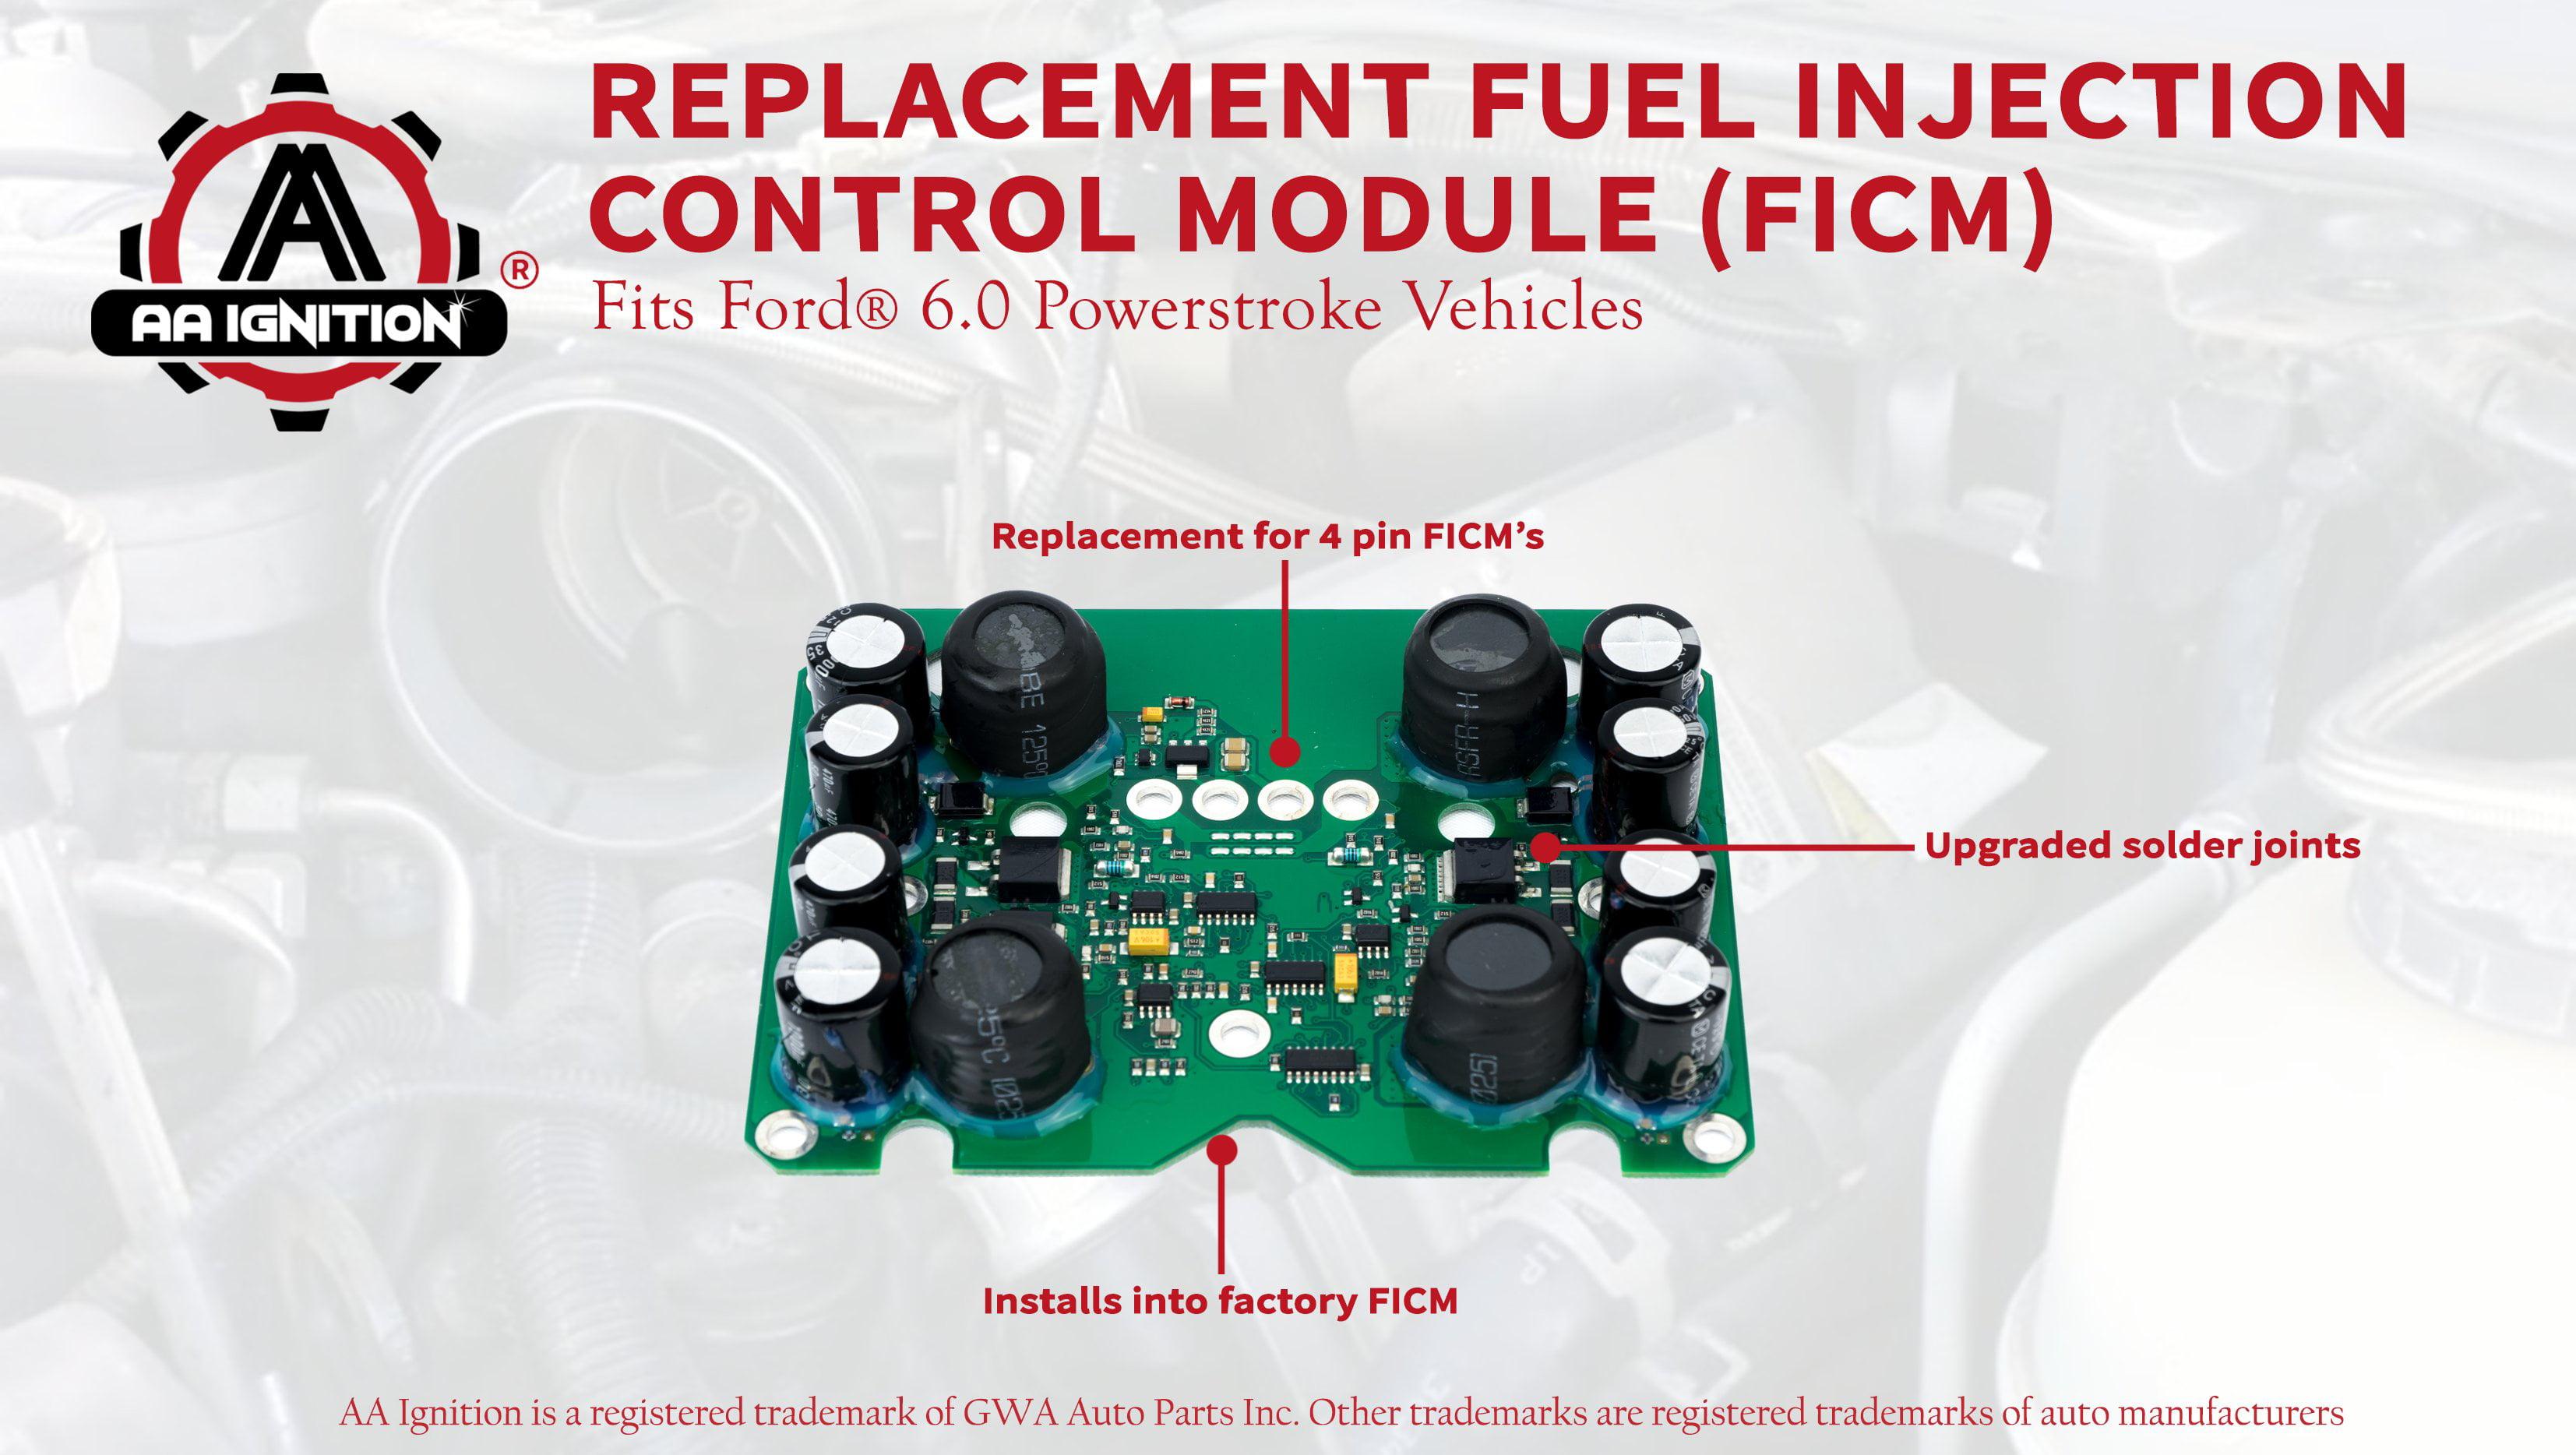 Fuel Injection Control Module FICM Power Supply Board For 2004-2010 Powerstroke 6.0L Ford E350 E450 F250 F350 F450 F550 Super Duty